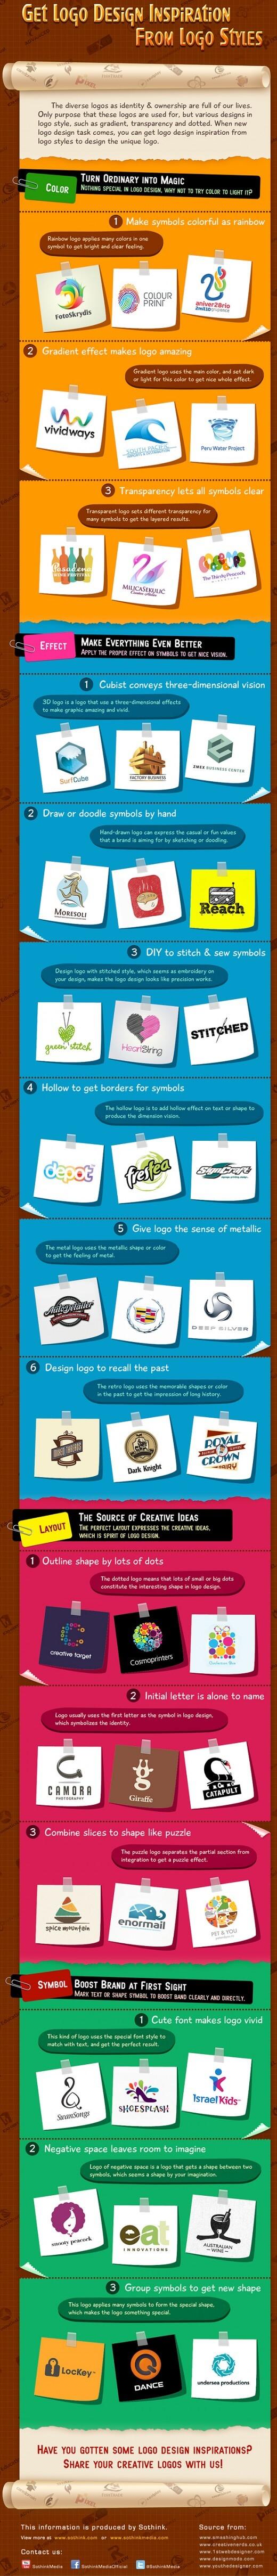 Vier kreative Tipps zur Gestaltung Ihres Firmenlogos [Infografik]